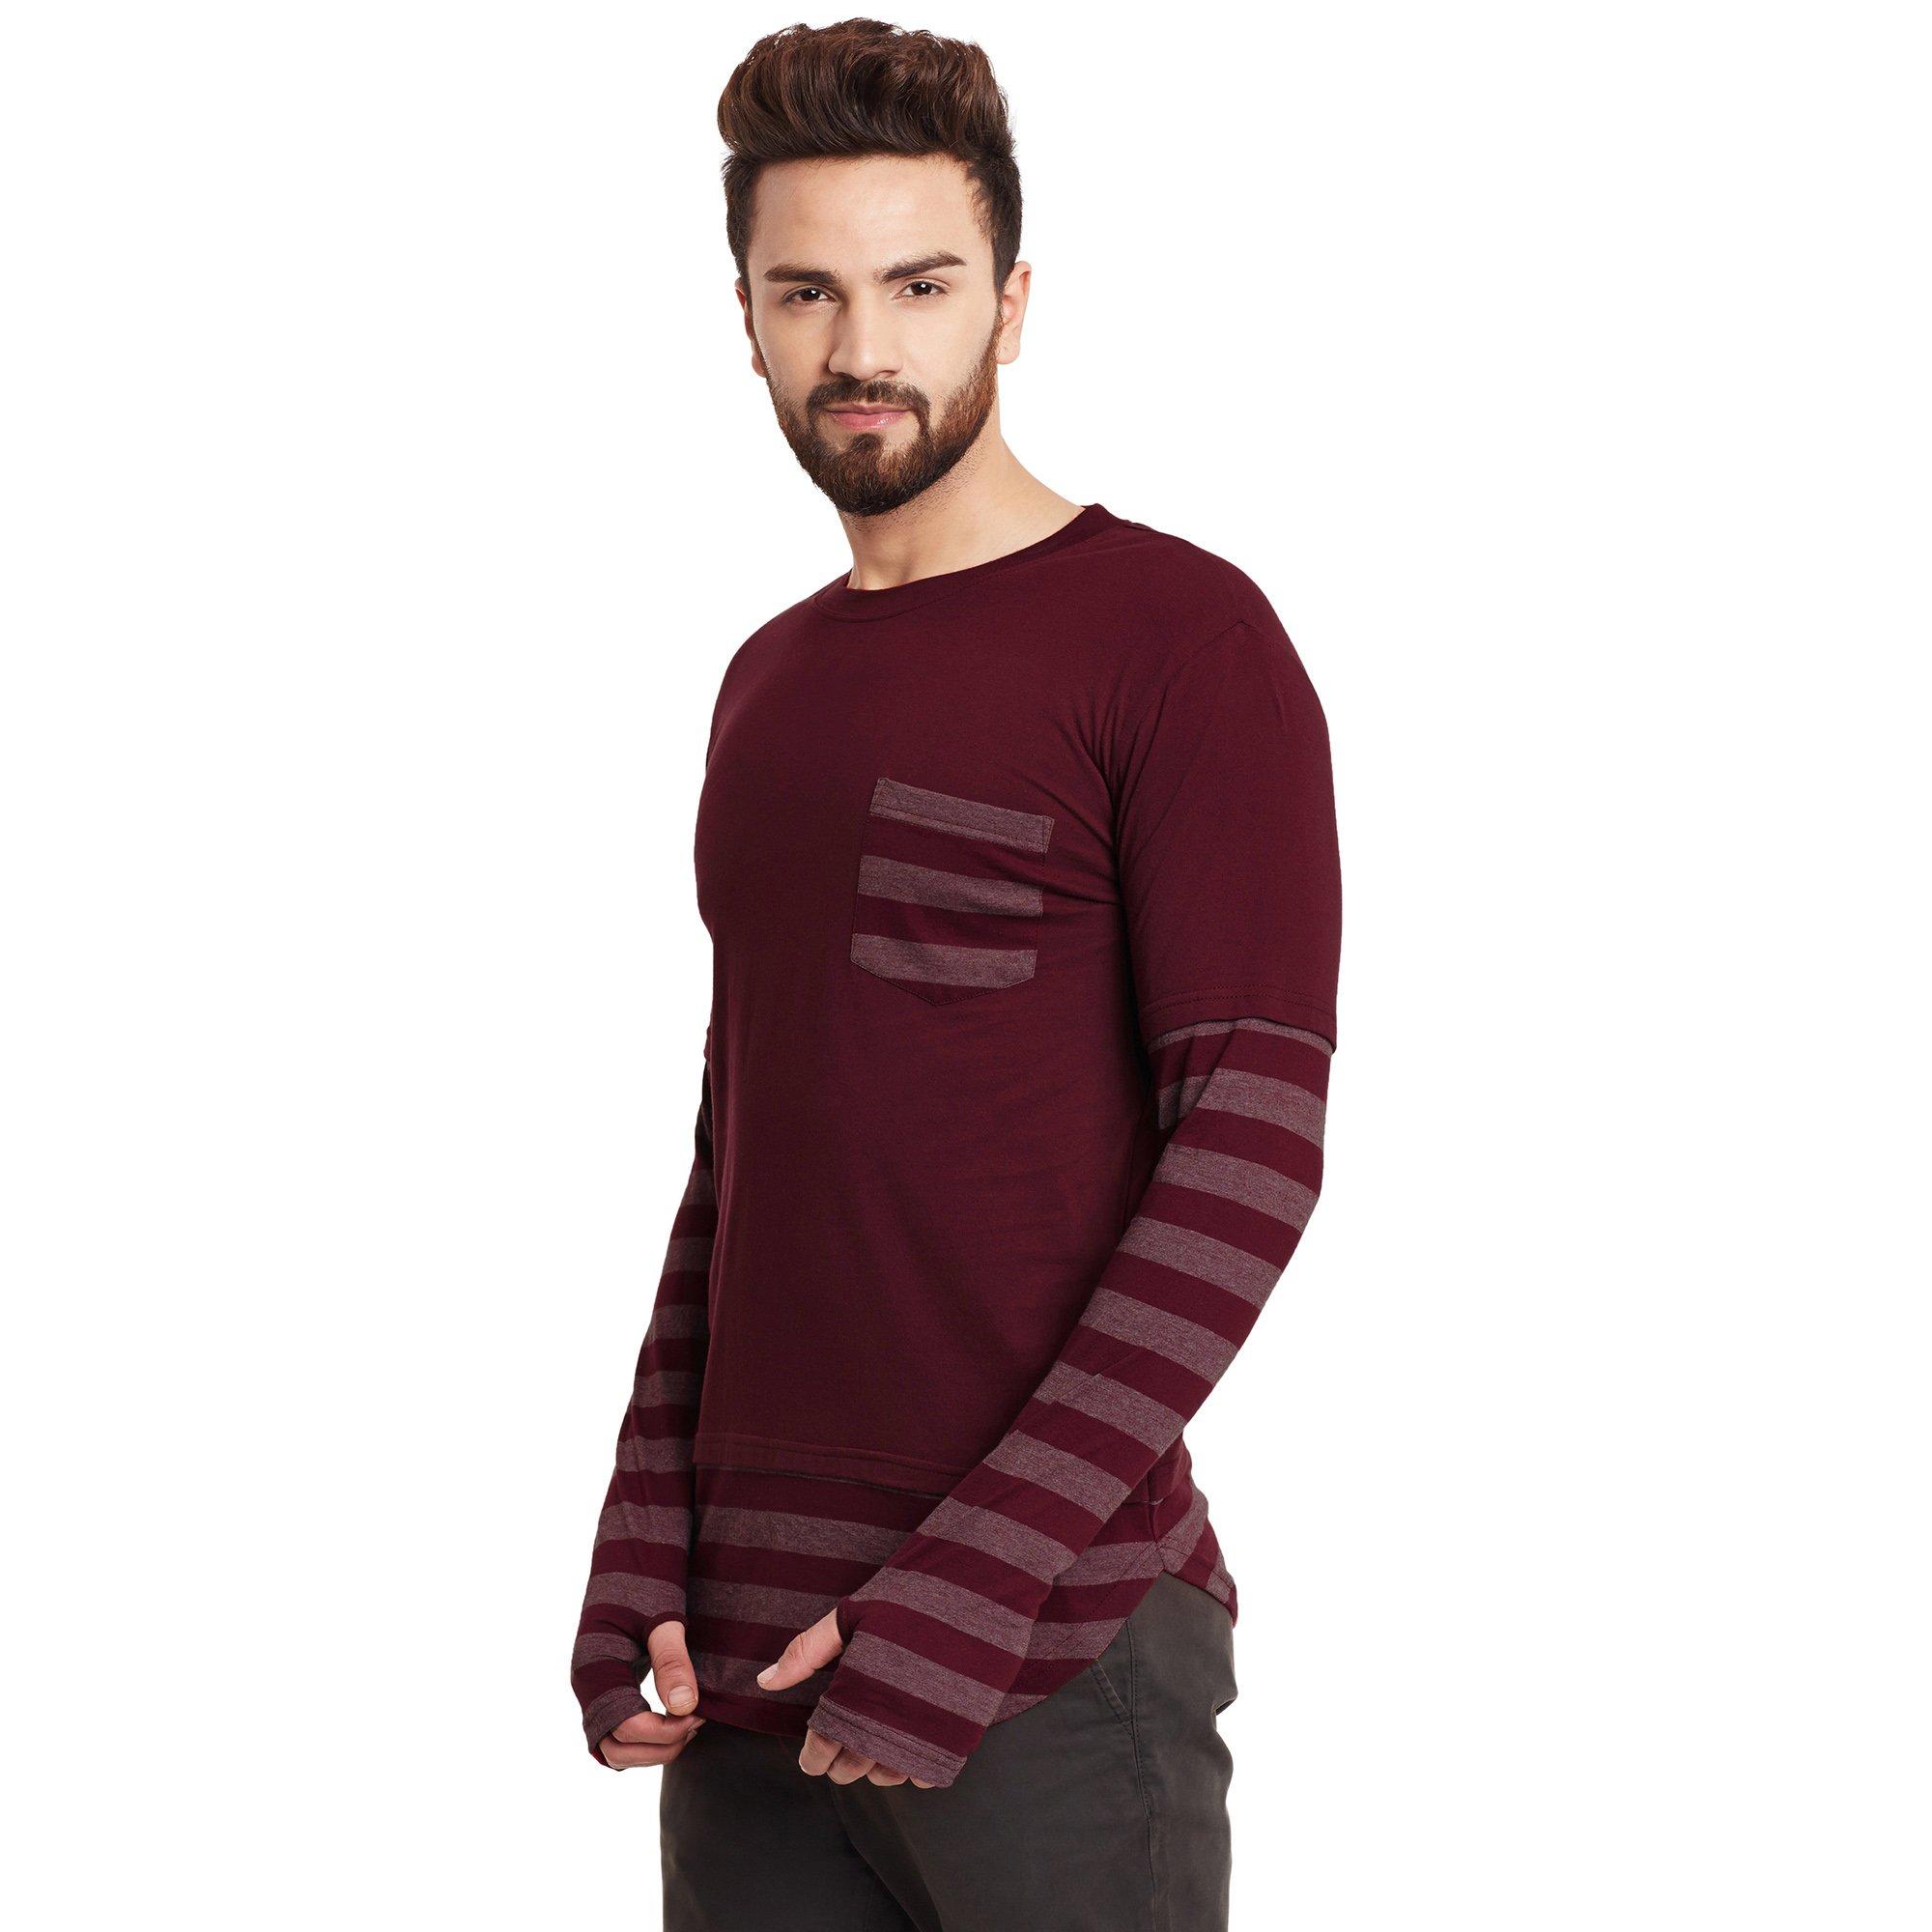 Shirts with Finger Holes | Thumb Hole Cardigan | Thumbhole Sweater